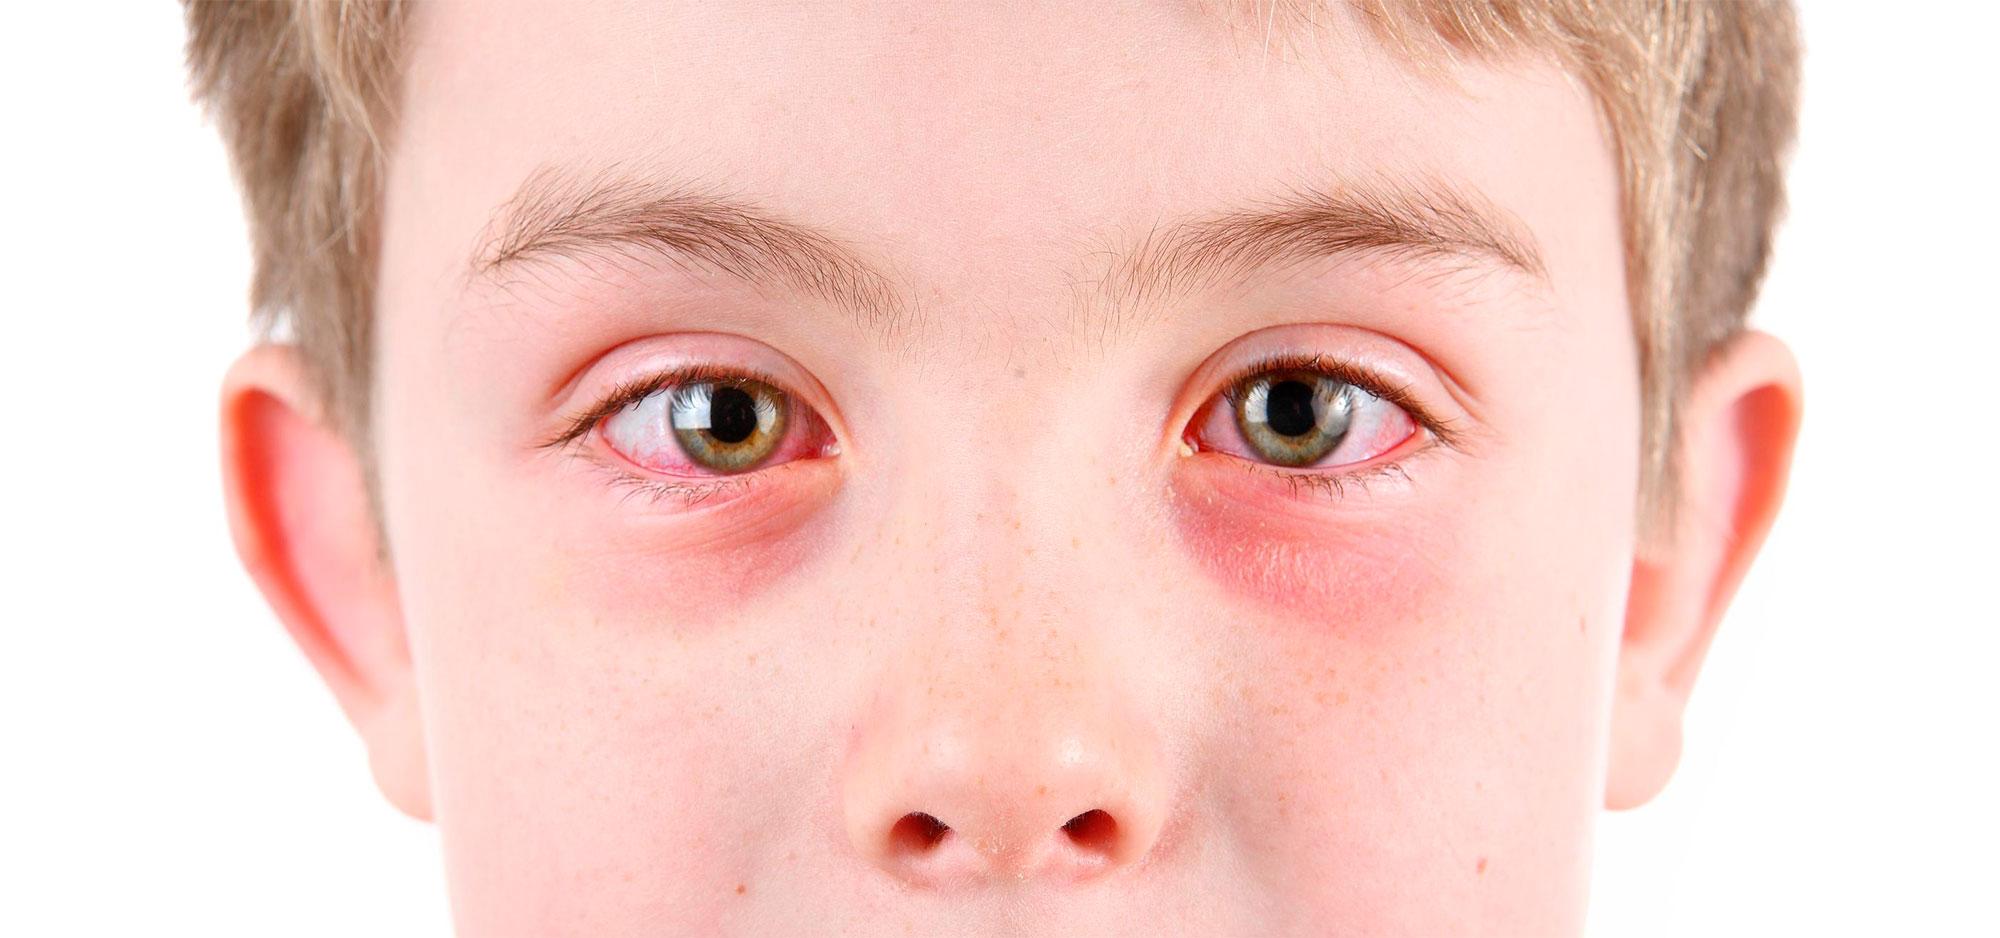 Покраснение глаз, вызванное аллергией